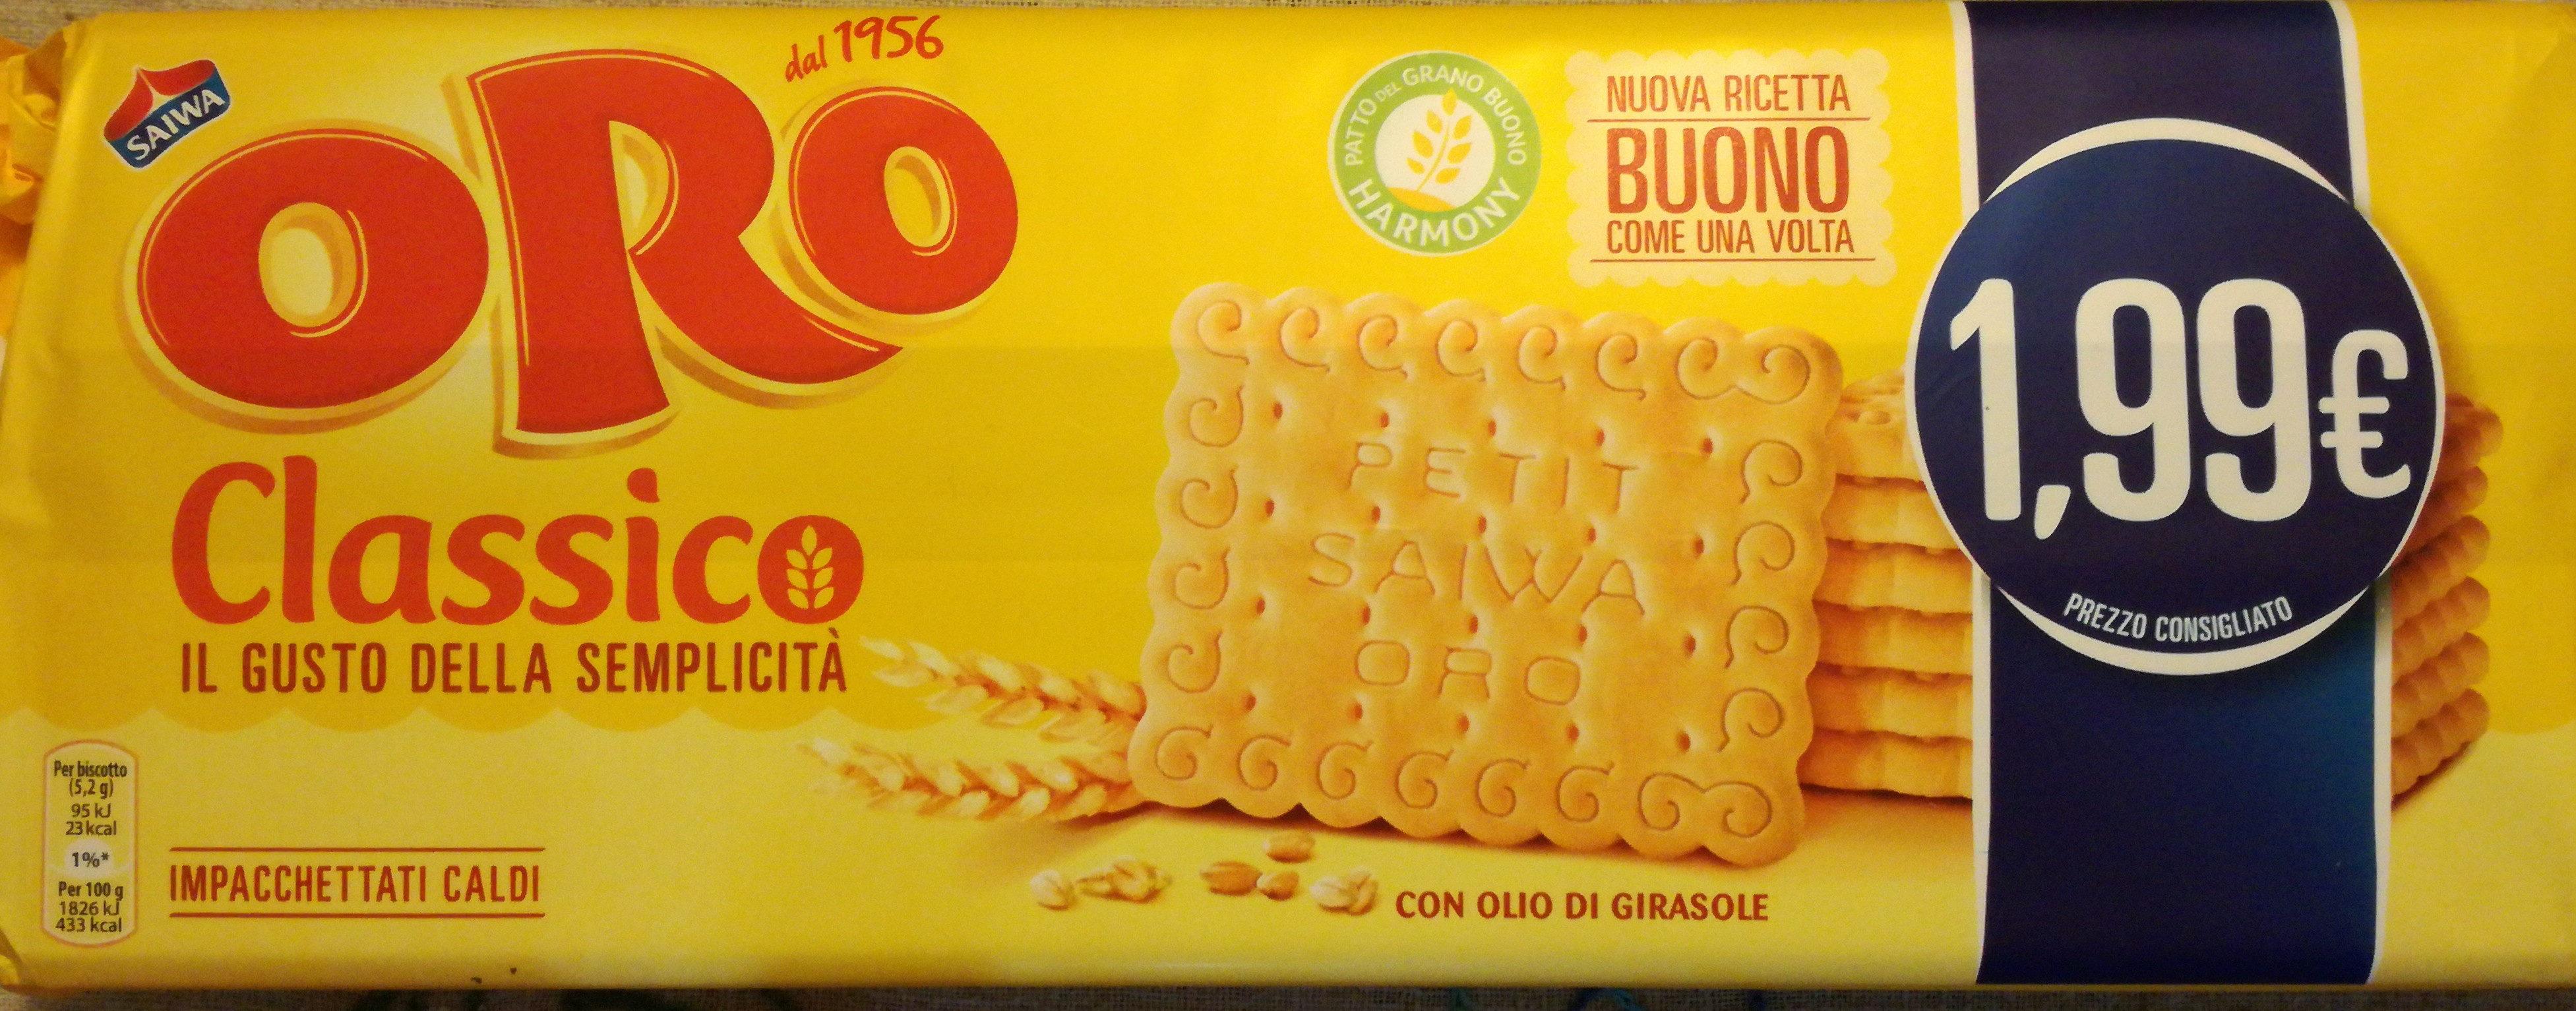 Oro Classico - Produkt